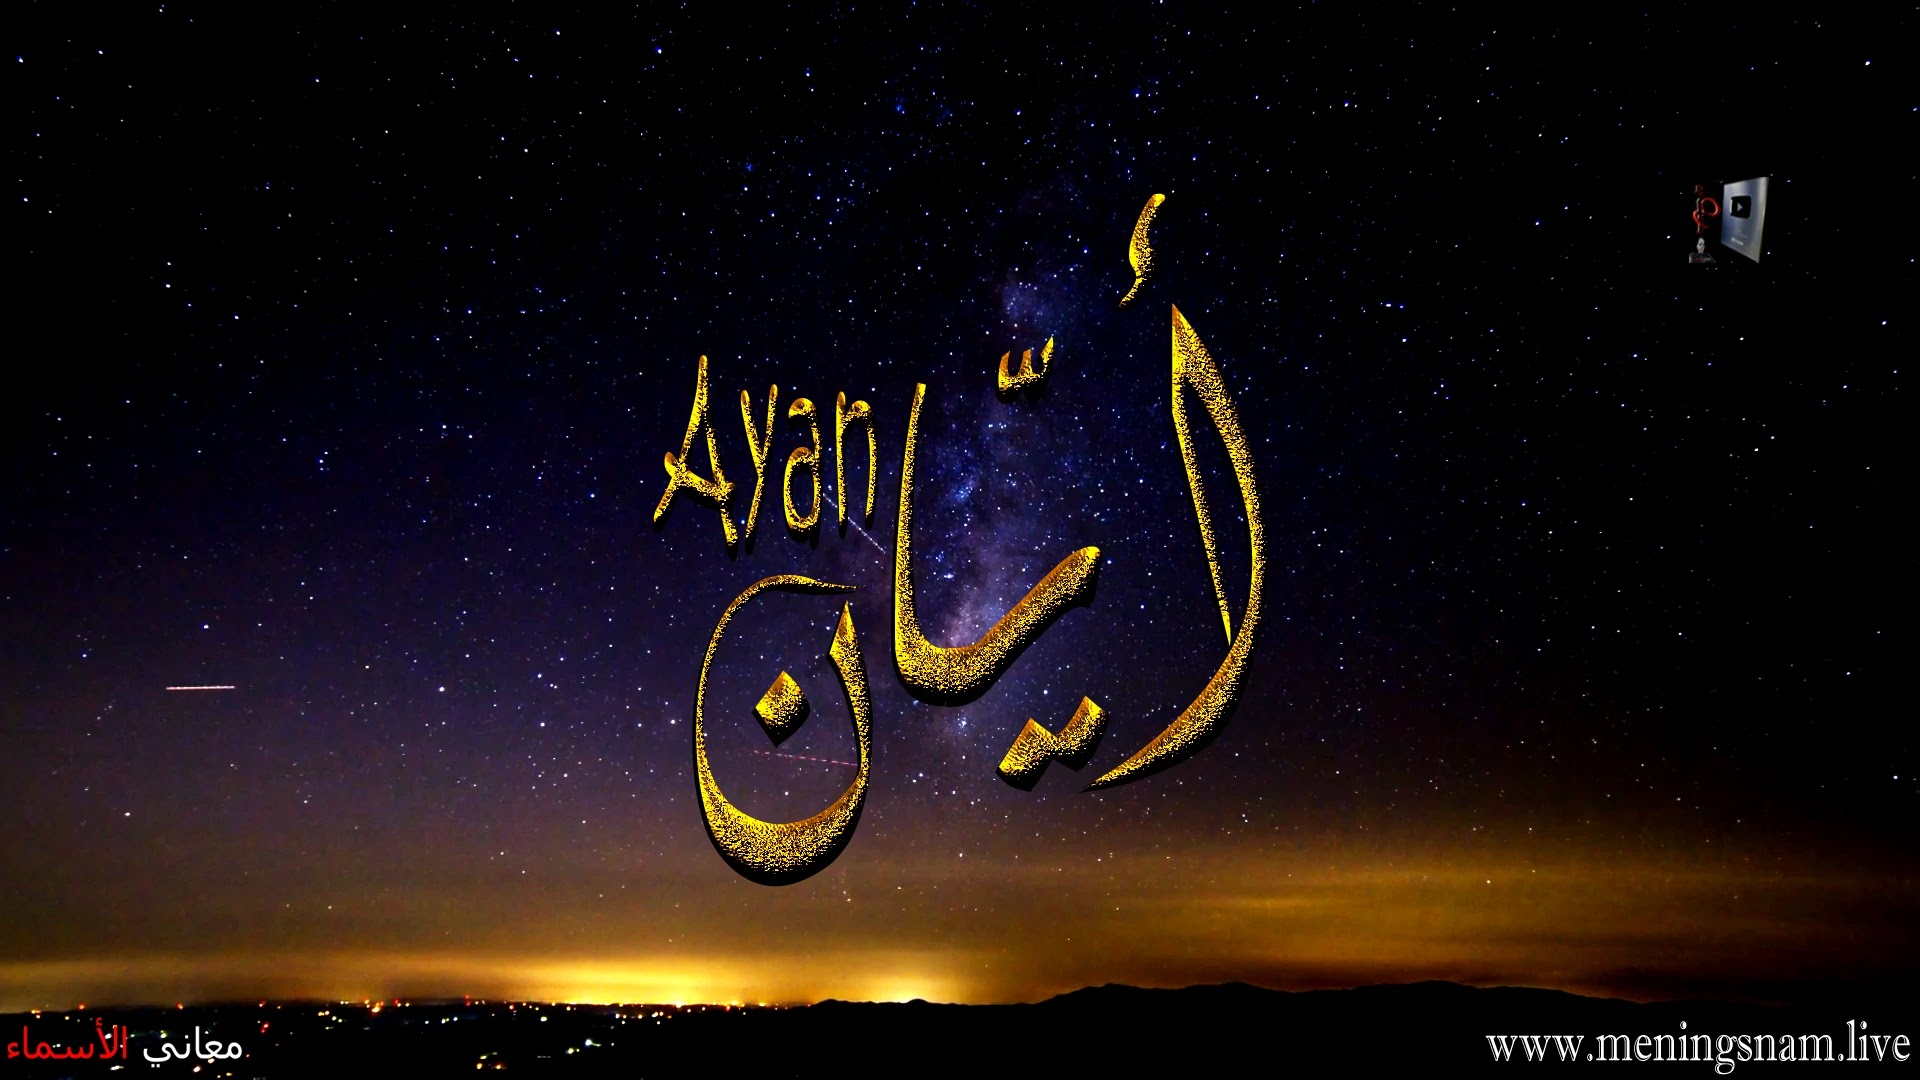 معنى اسم ايان وصفات حامل هذا الاسم Ayan